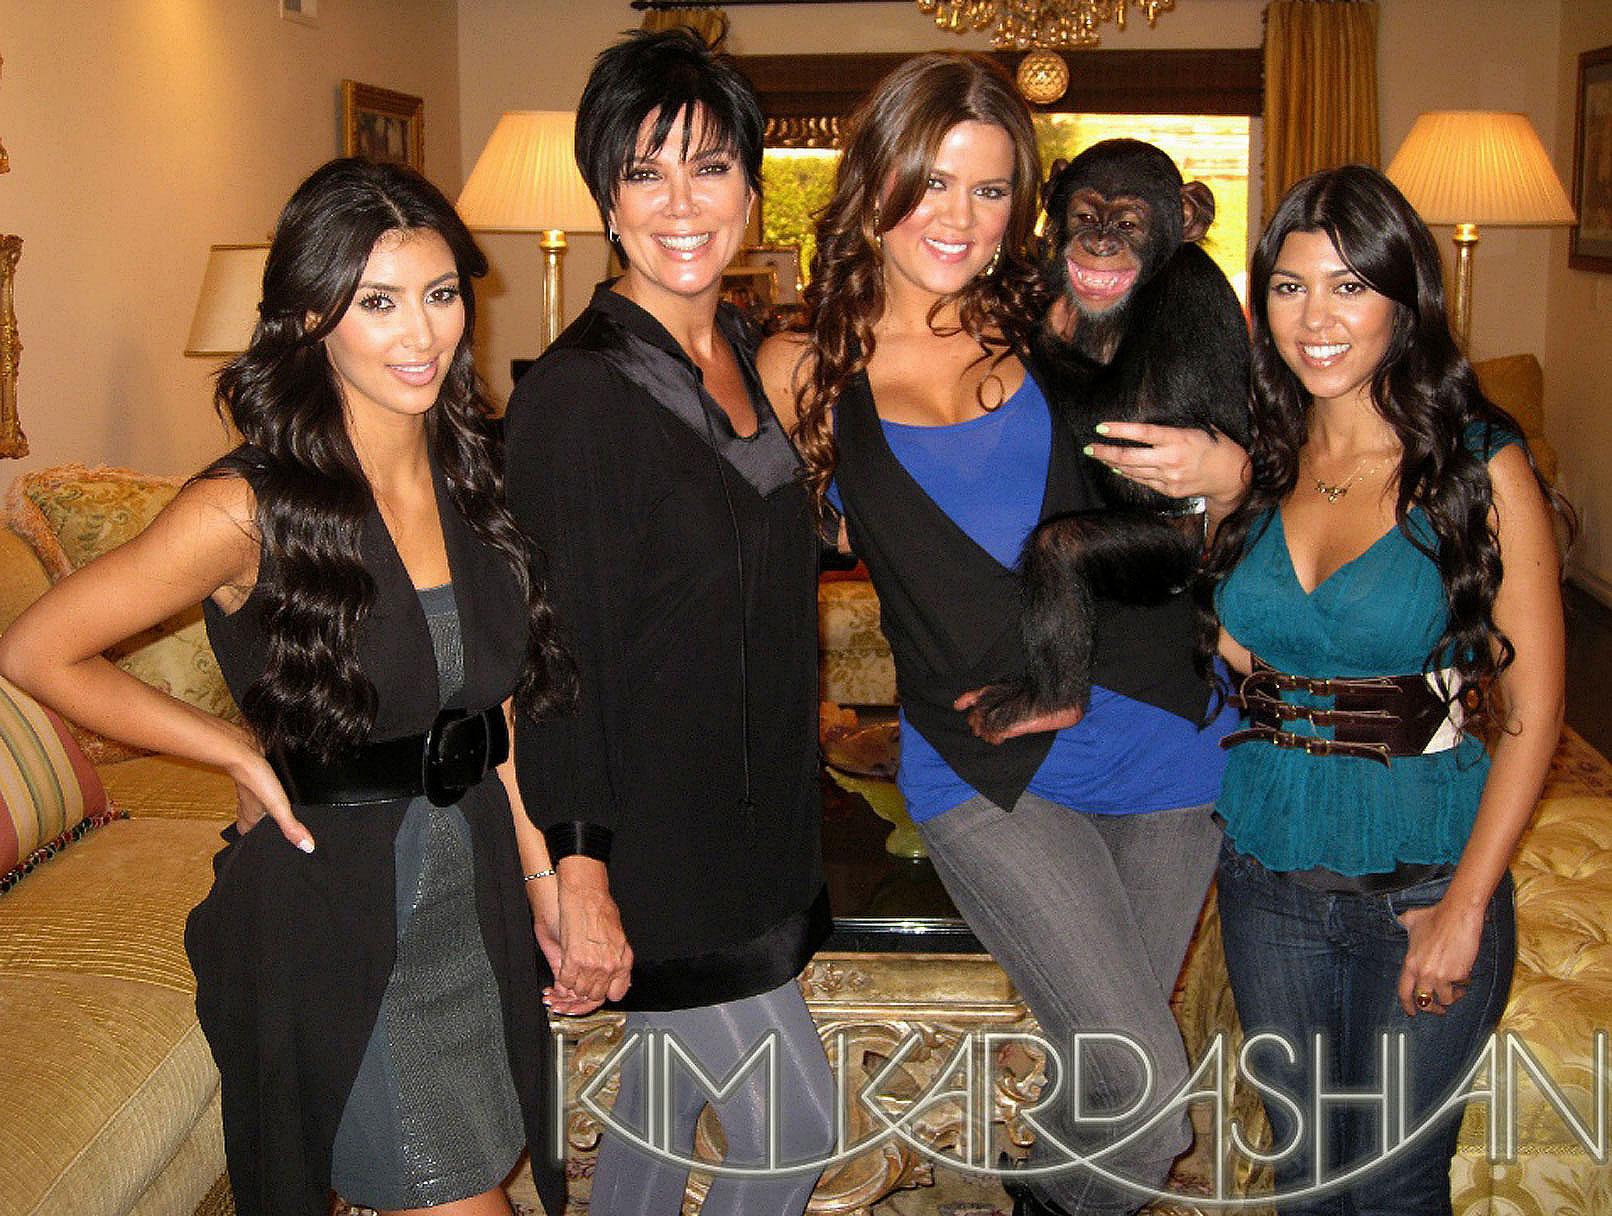 Kim Kardashian Apologizes for Monkey Business